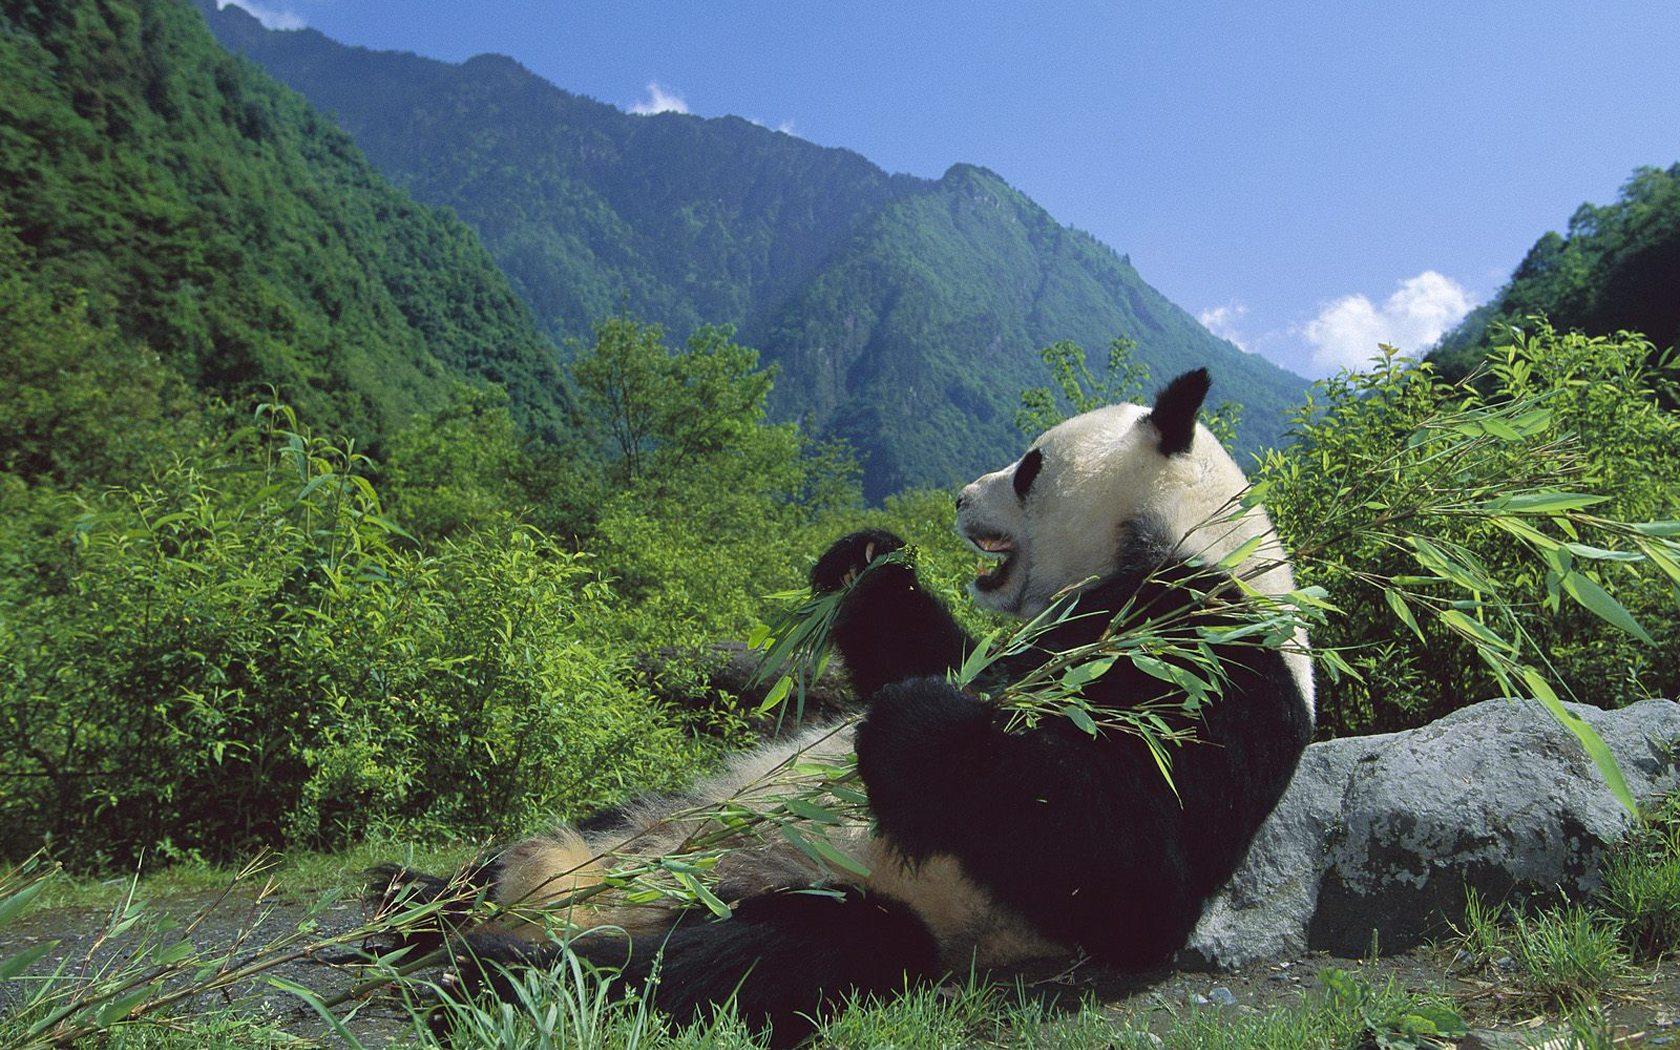 中国世界遗产之——四川大熊猫栖息地 - 教育星空 - 教育星空